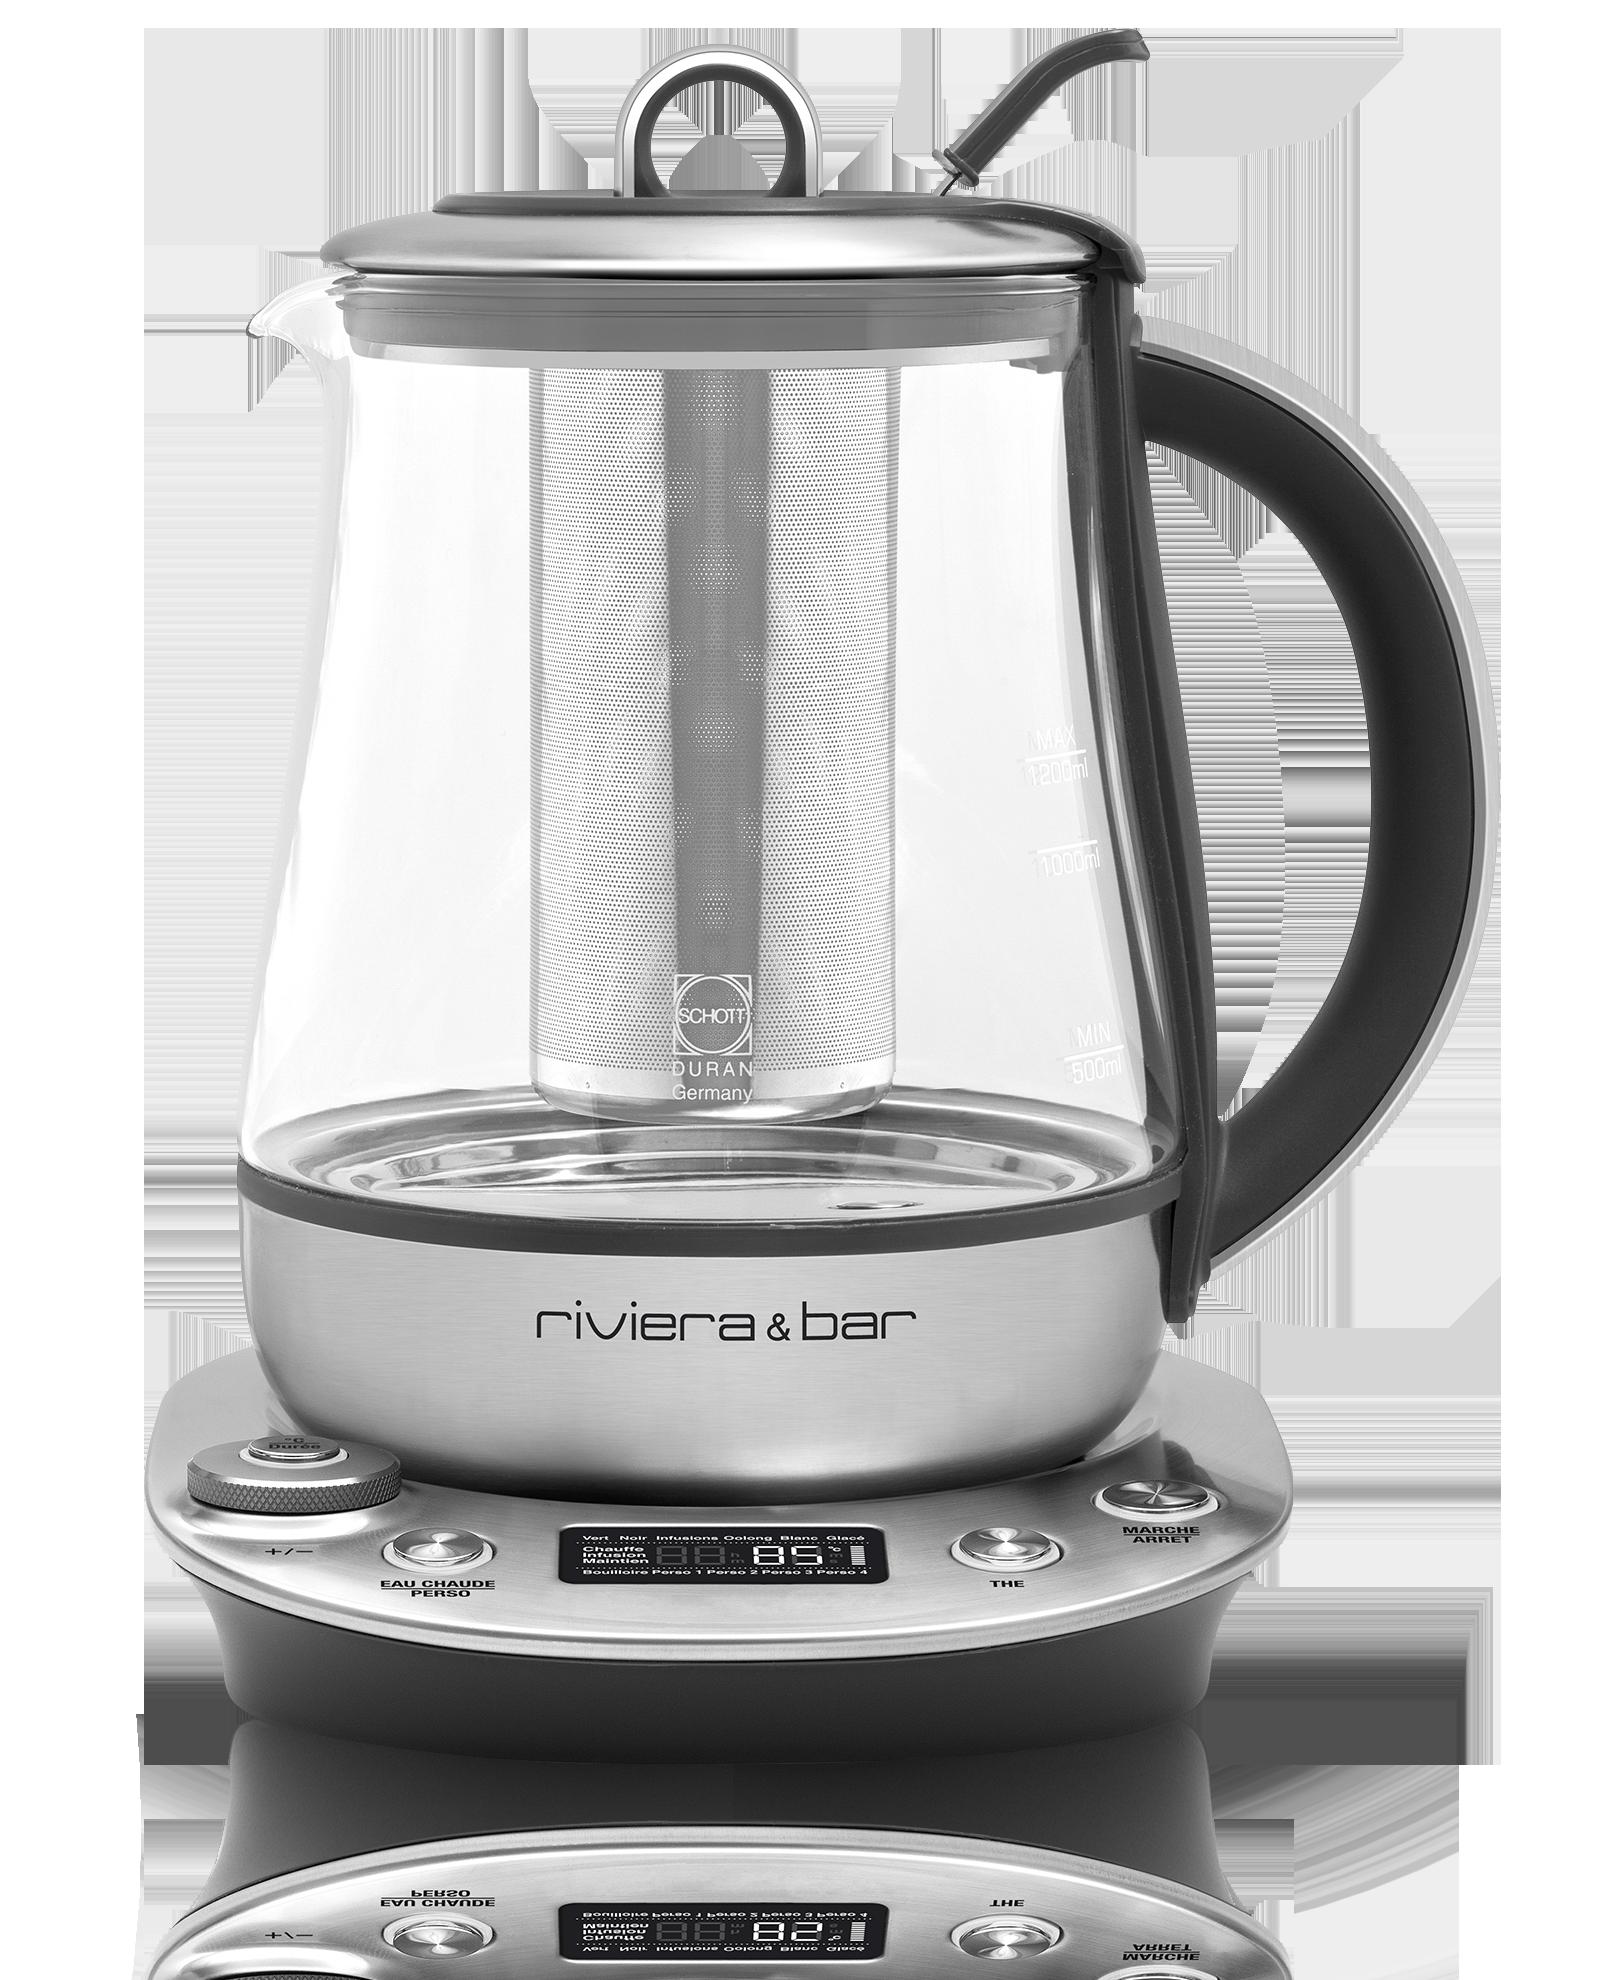 Infusion - Théière électrique automatique Sencha'Ice Riviera & Bar 1,2 L en verre - Vrac - Kusmi Tea